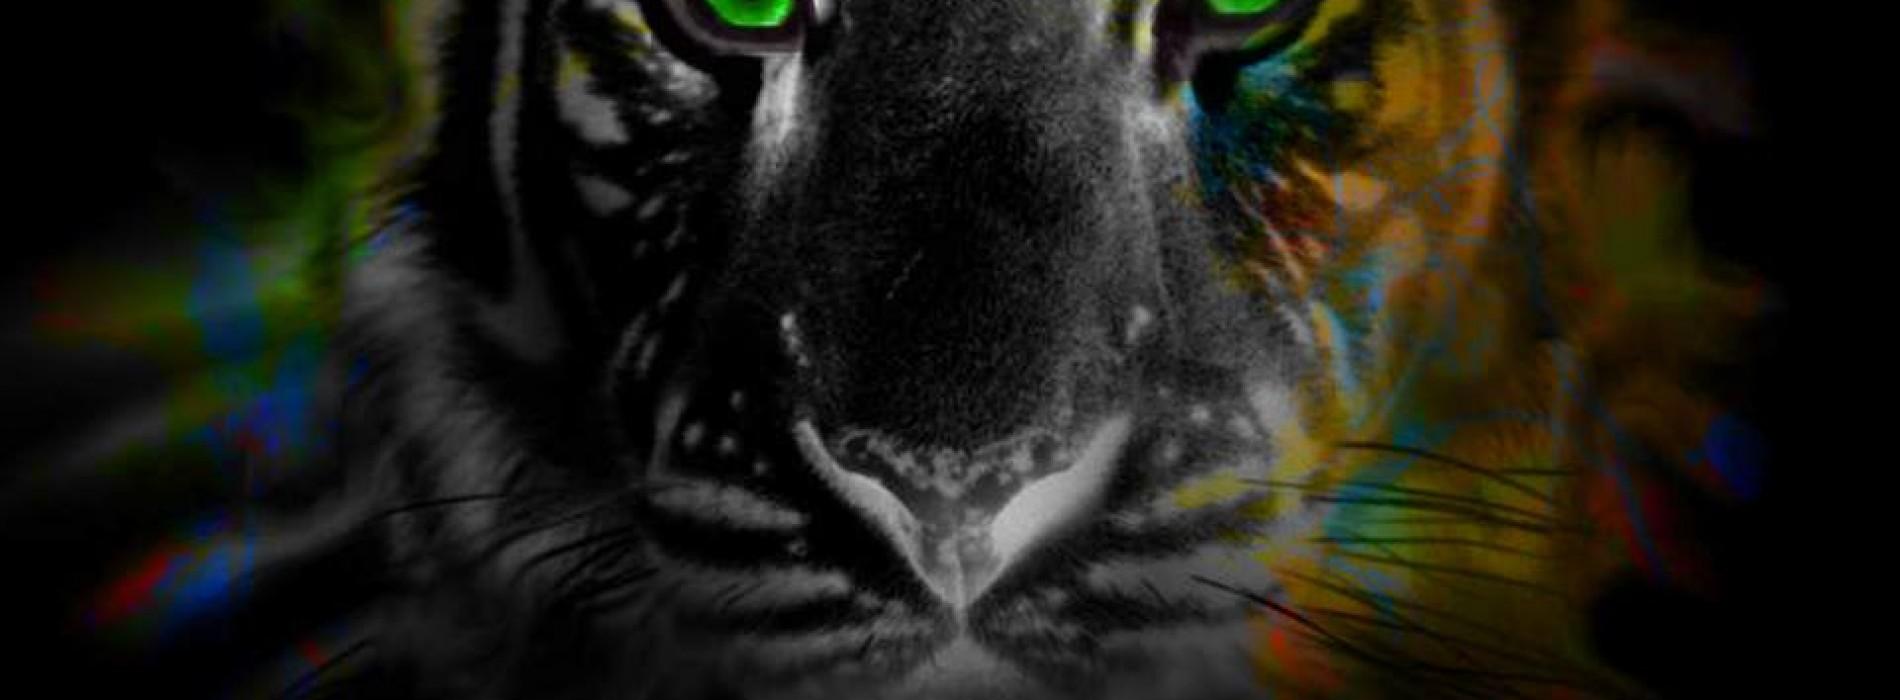 Eightfold & Dropwizz – I Need You To Know ('Jungle Terror' Remix)